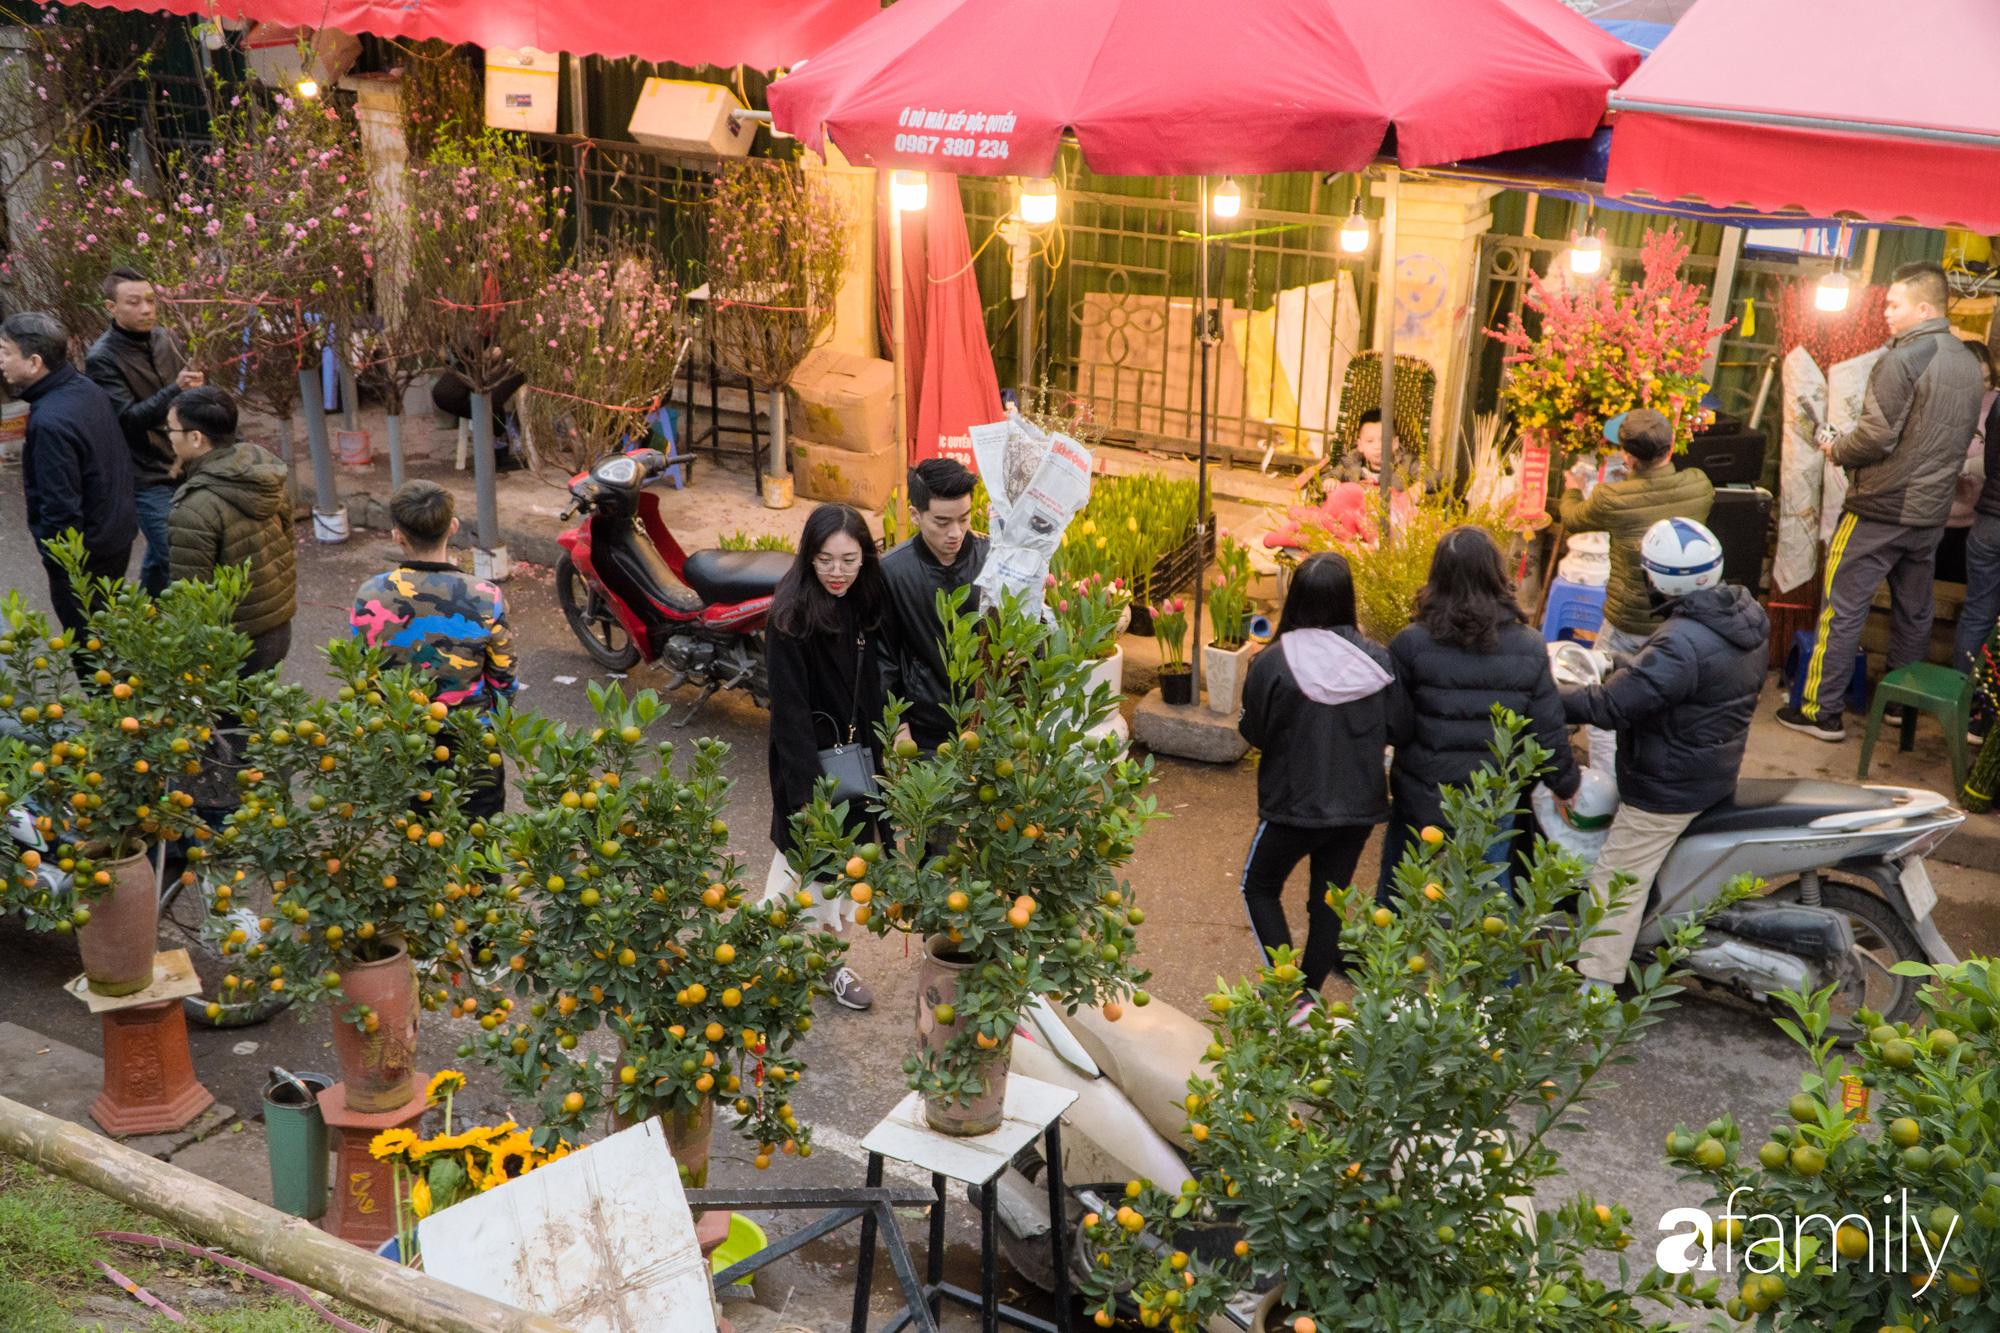 Những khoảnh khắc bình dị ngày cuối năm ở chợ hoa Quảng An, dù lạnh thấu xương nhưng người Hà Nội vẫn nô nức sắm hoa chơi Tết - Ảnh 4.